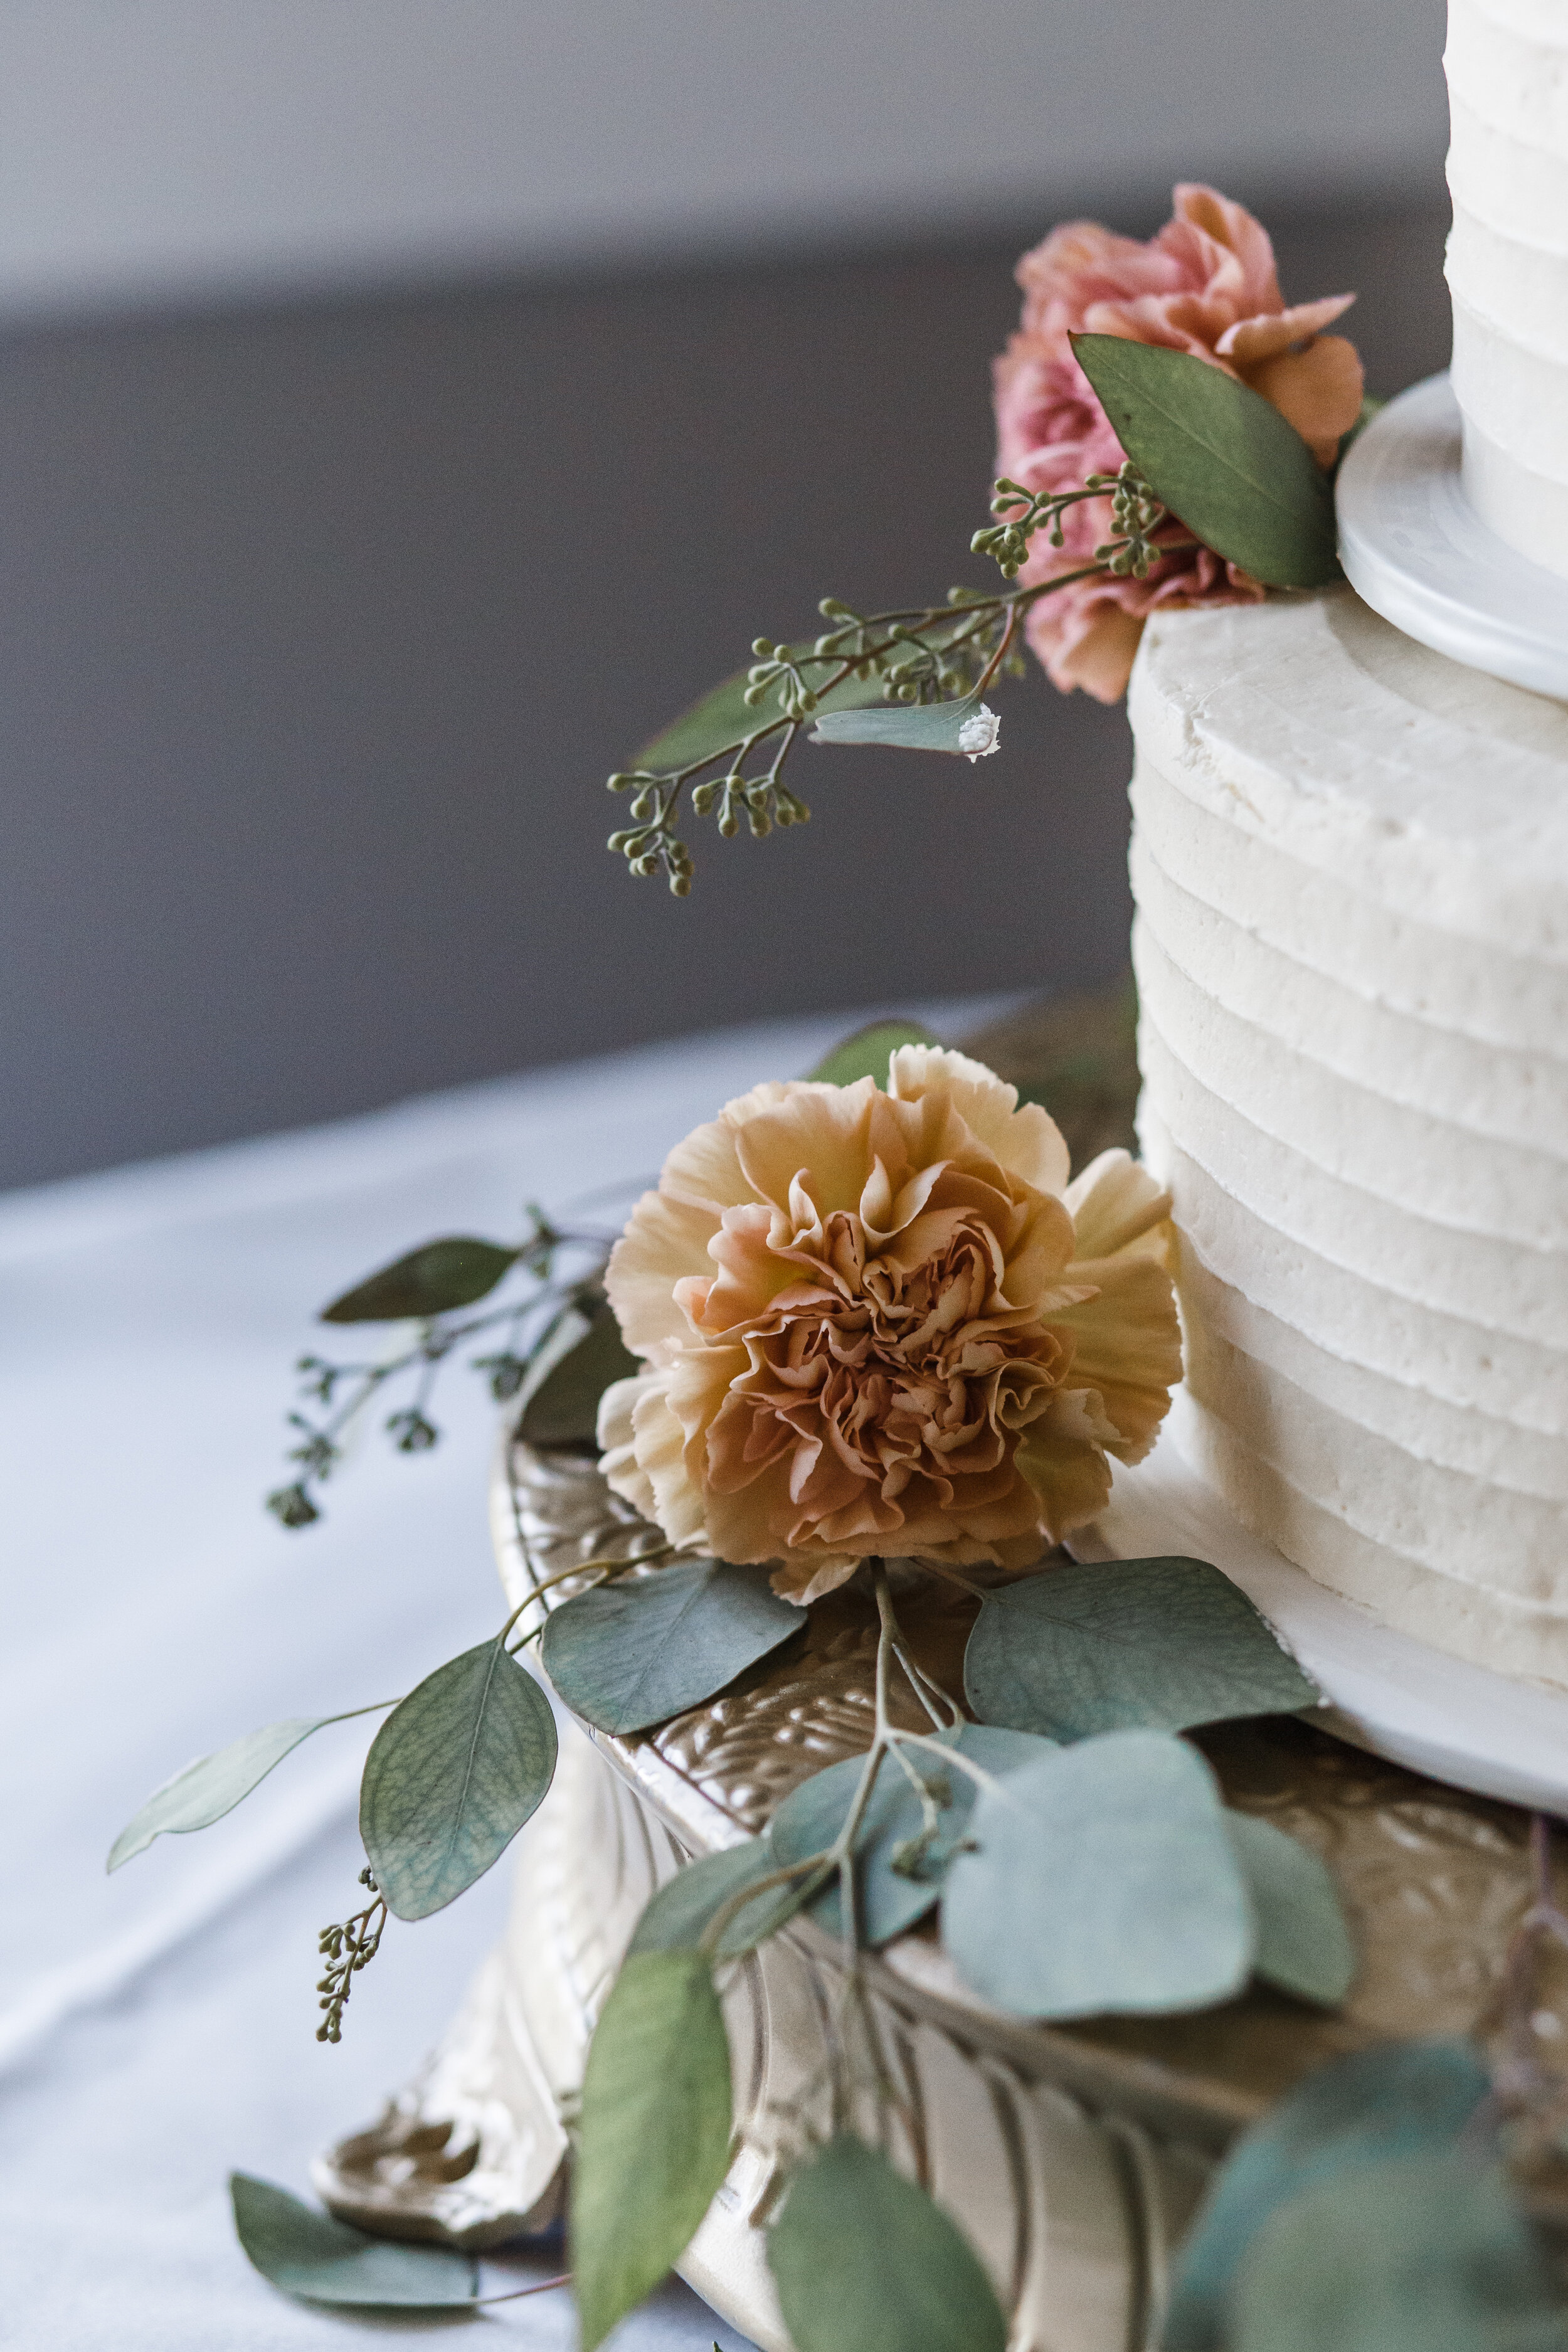 S&B Wedding - Getting Ready & Details-106.jpg